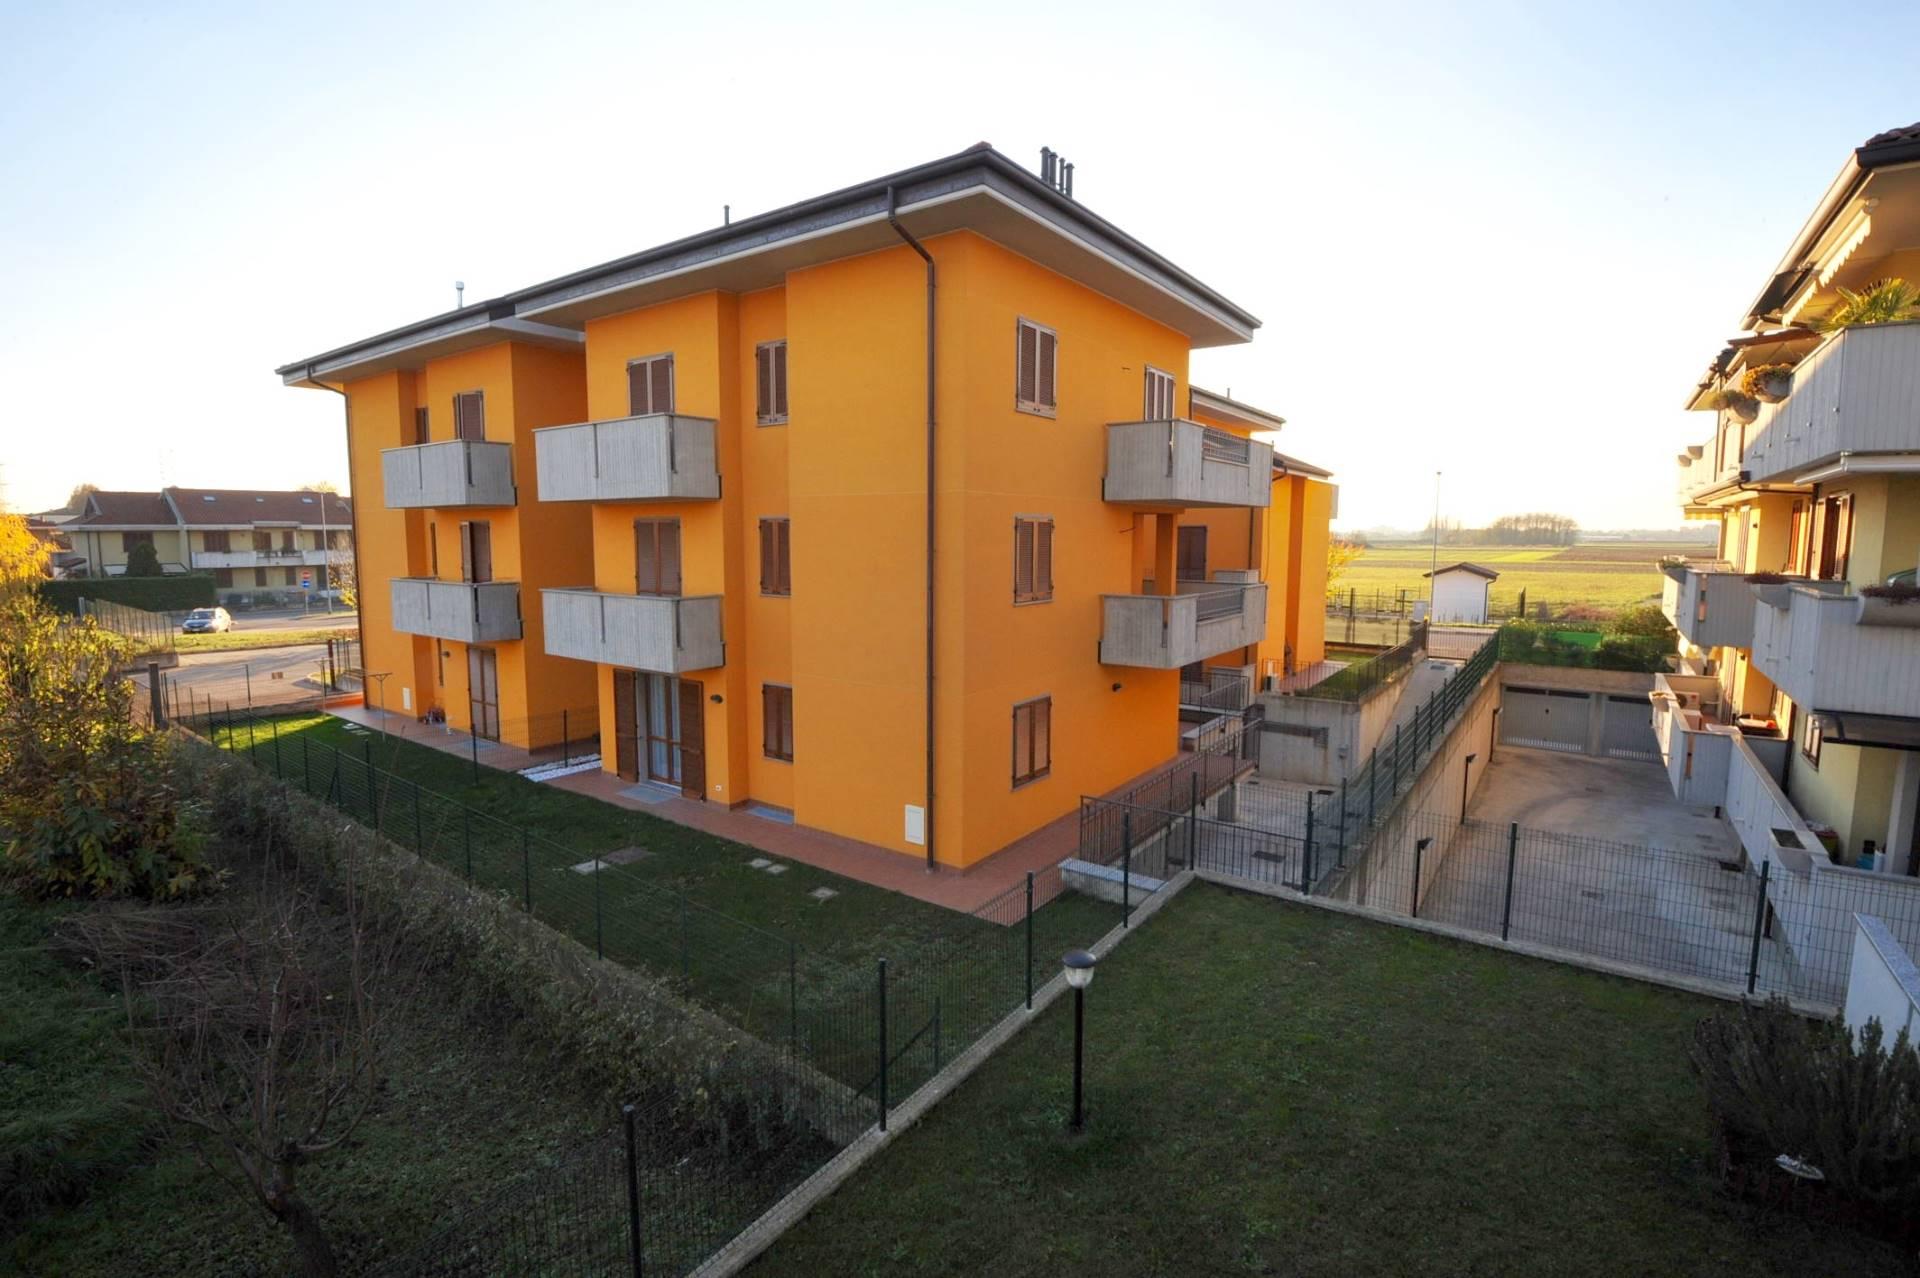 Appartamento in vendita a Ceriano Laghetto, 4 locali, prezzo € 240.000 | Cambio Casa.it